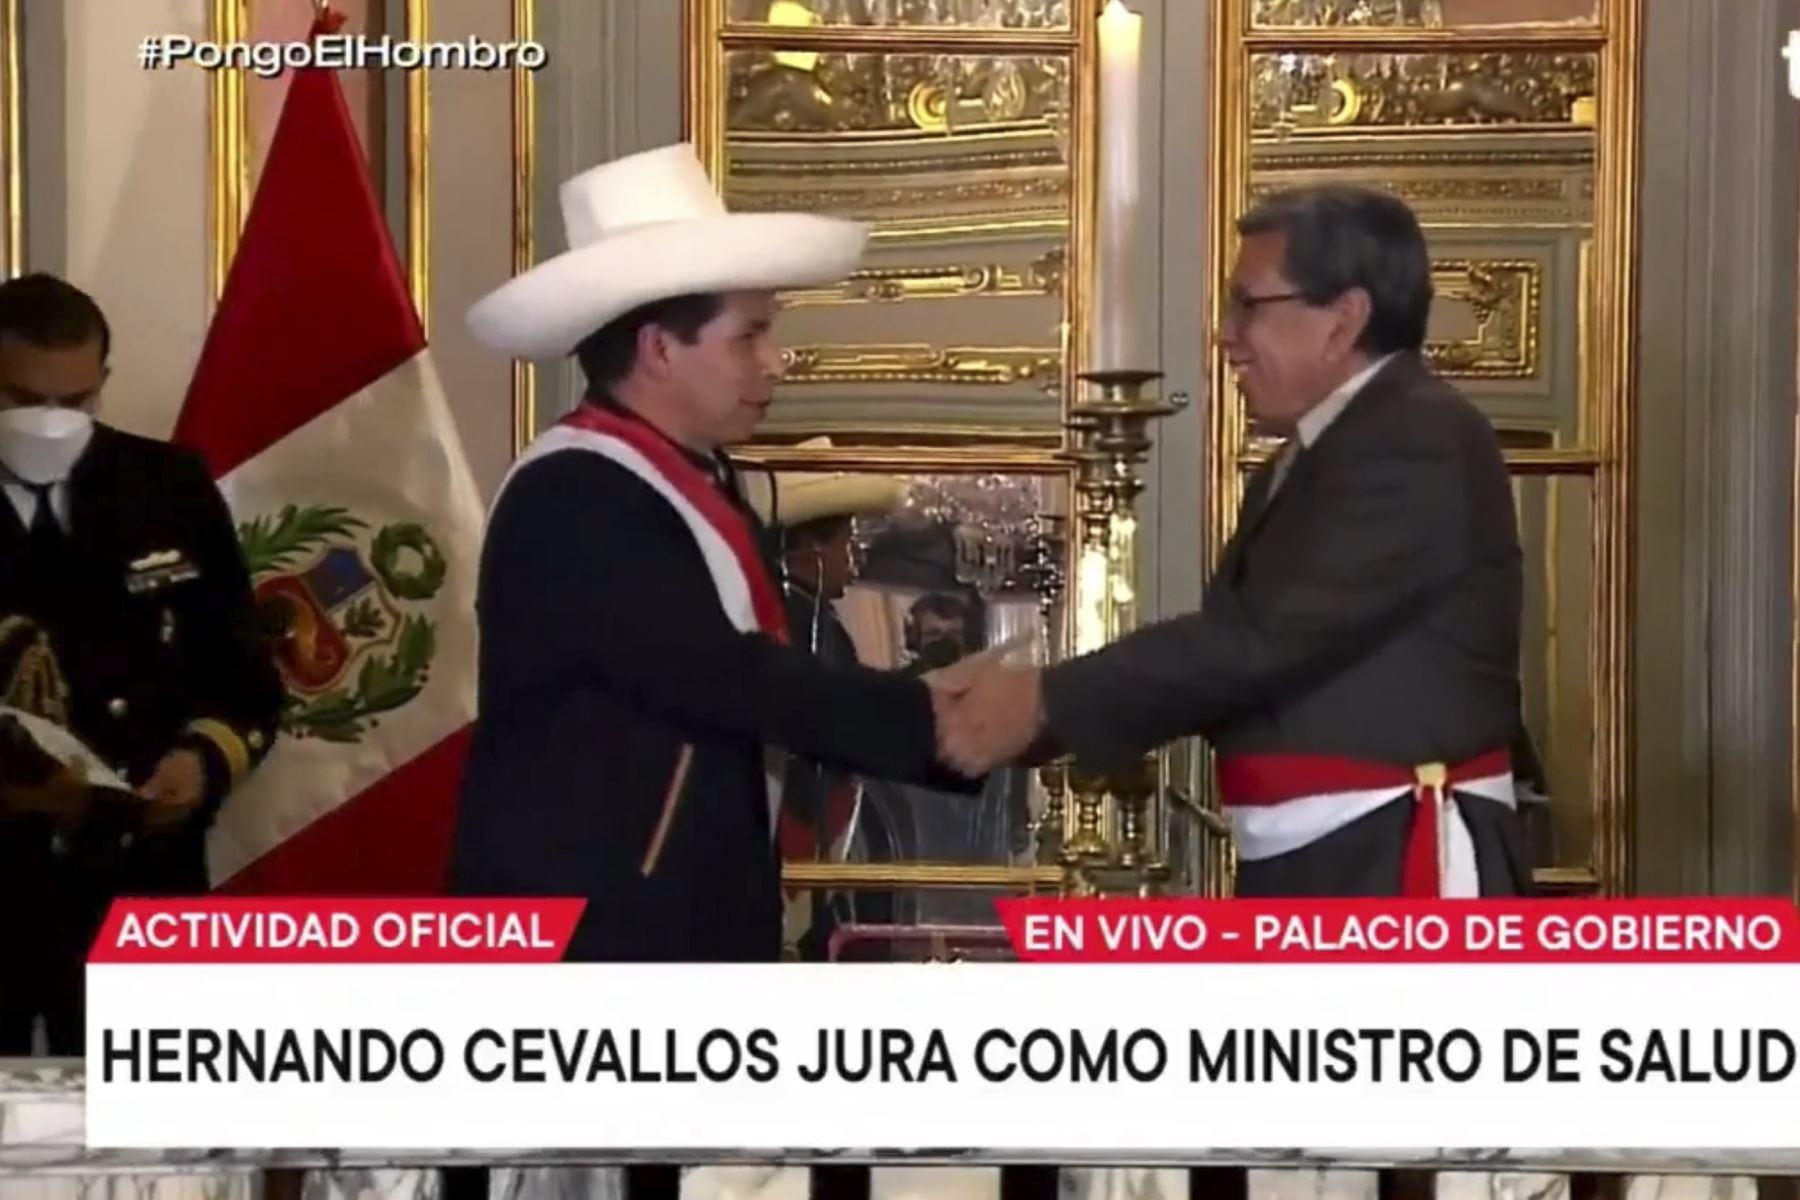 Hernando Cevallos jura como ministro de Salud